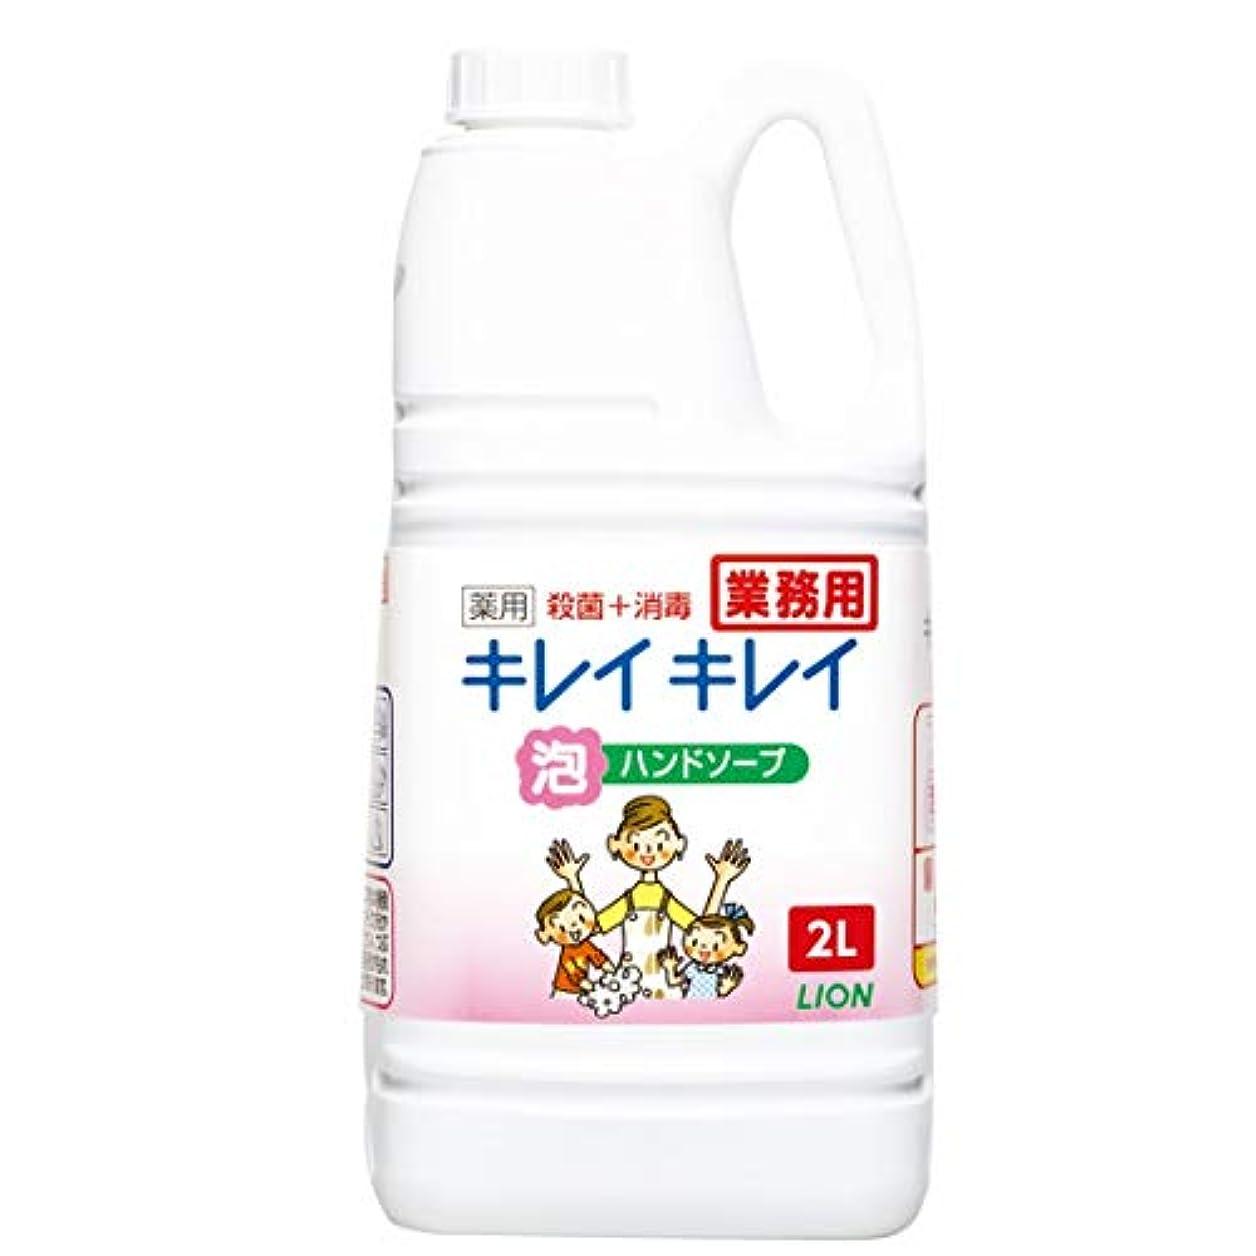 幸運なボイド大洪水【業務用 大容量】キレイキレイ 薬用 泡ハンドソープ シトラスフルーティの香り 2L (医薬部外品) 液体 単品